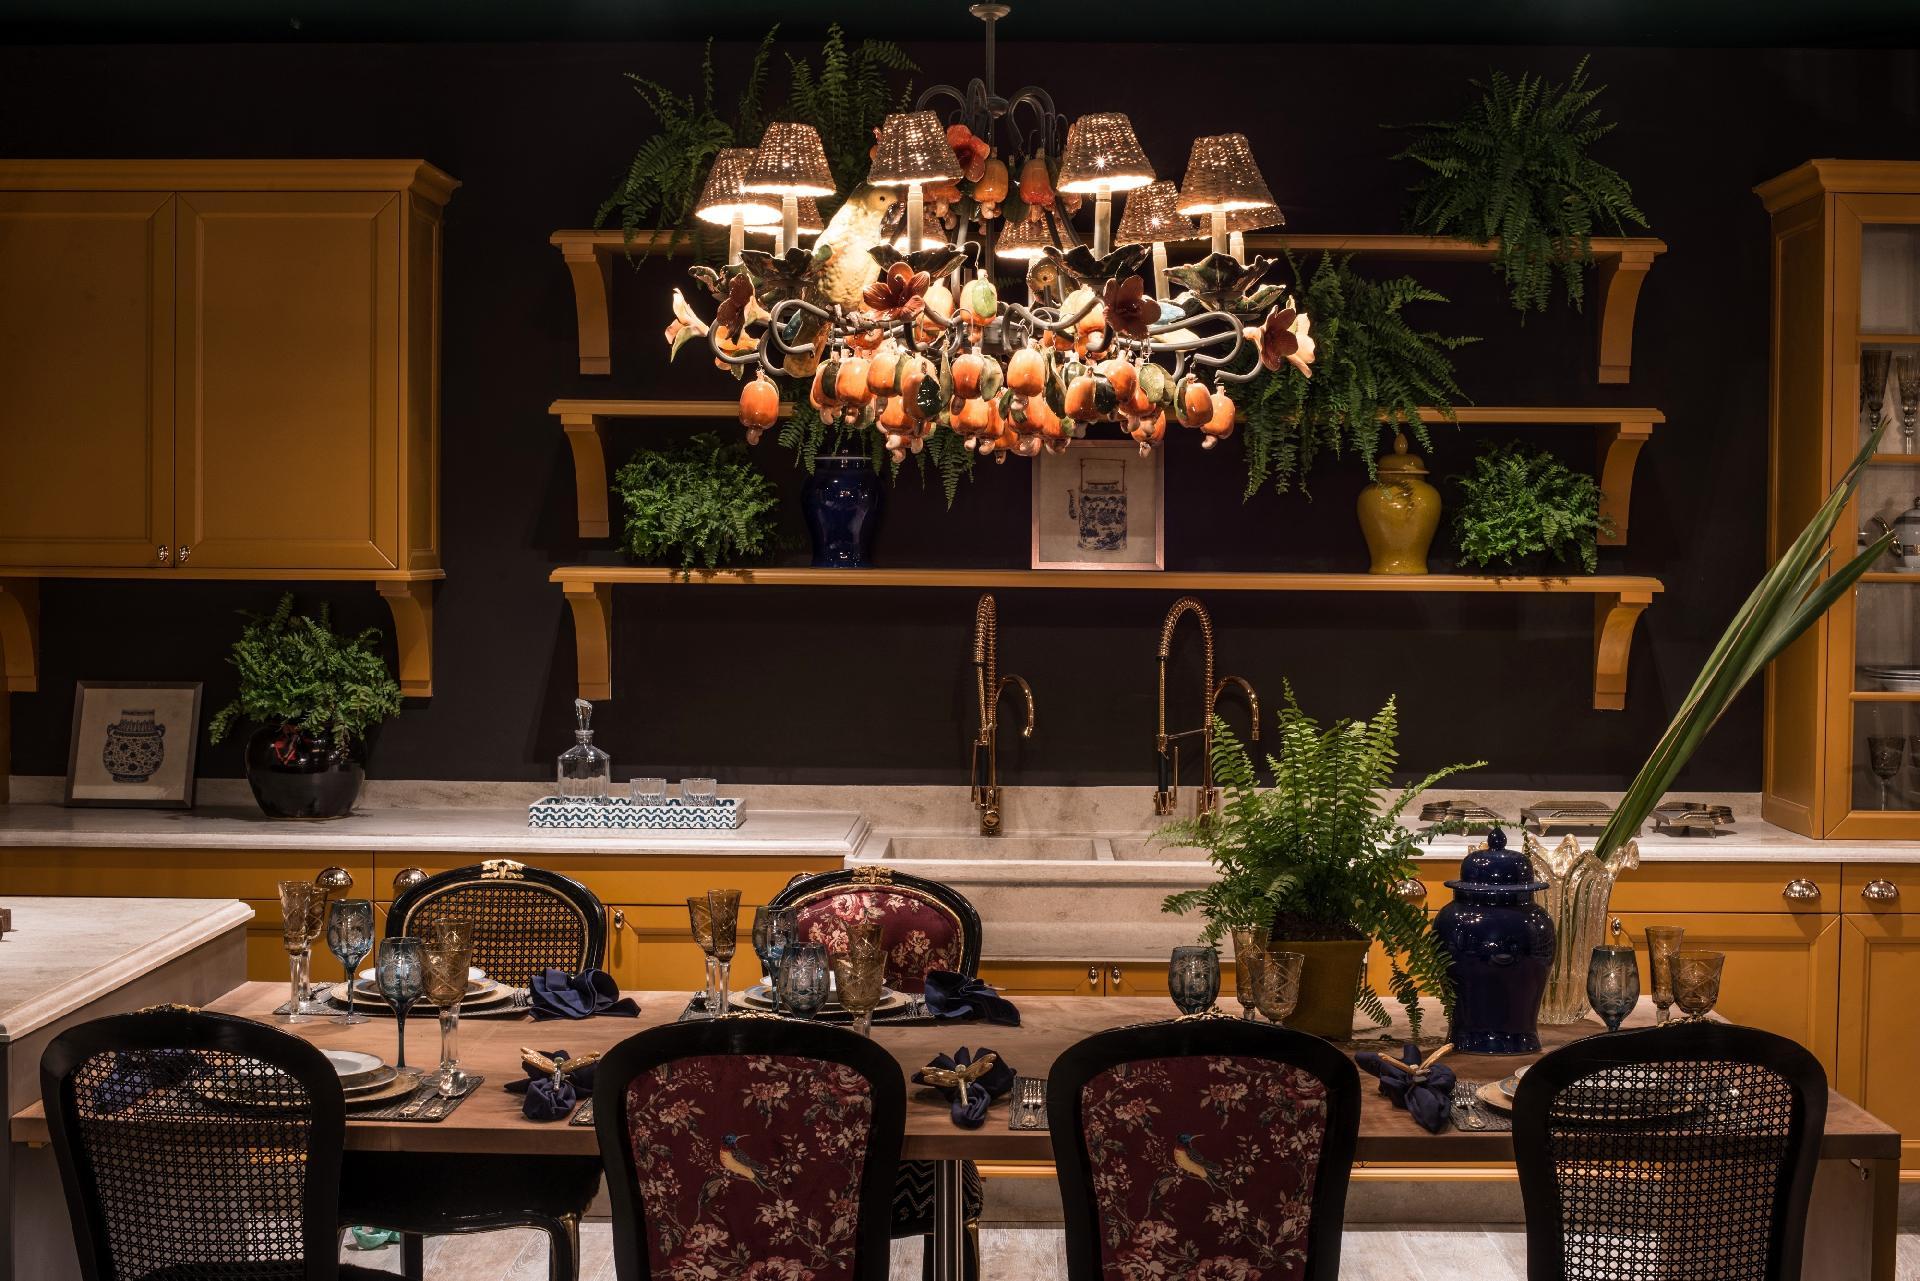 Casa Cor MT 2016 - Discrição passa longe do Lounge Gourmet, inspirado na apresentadora Sabrina Sato e pensado por Habner Zuhany. O ambiente é luxuoso, tem cadeiras com estampas florais e pássaros, samambaias vistosas e marcenaria com acabamento mostarda. Mas todos esses elementos são coadjuvantes se comparados ao chamativo lustre (Star Home) adornado por cajus e hibiscos